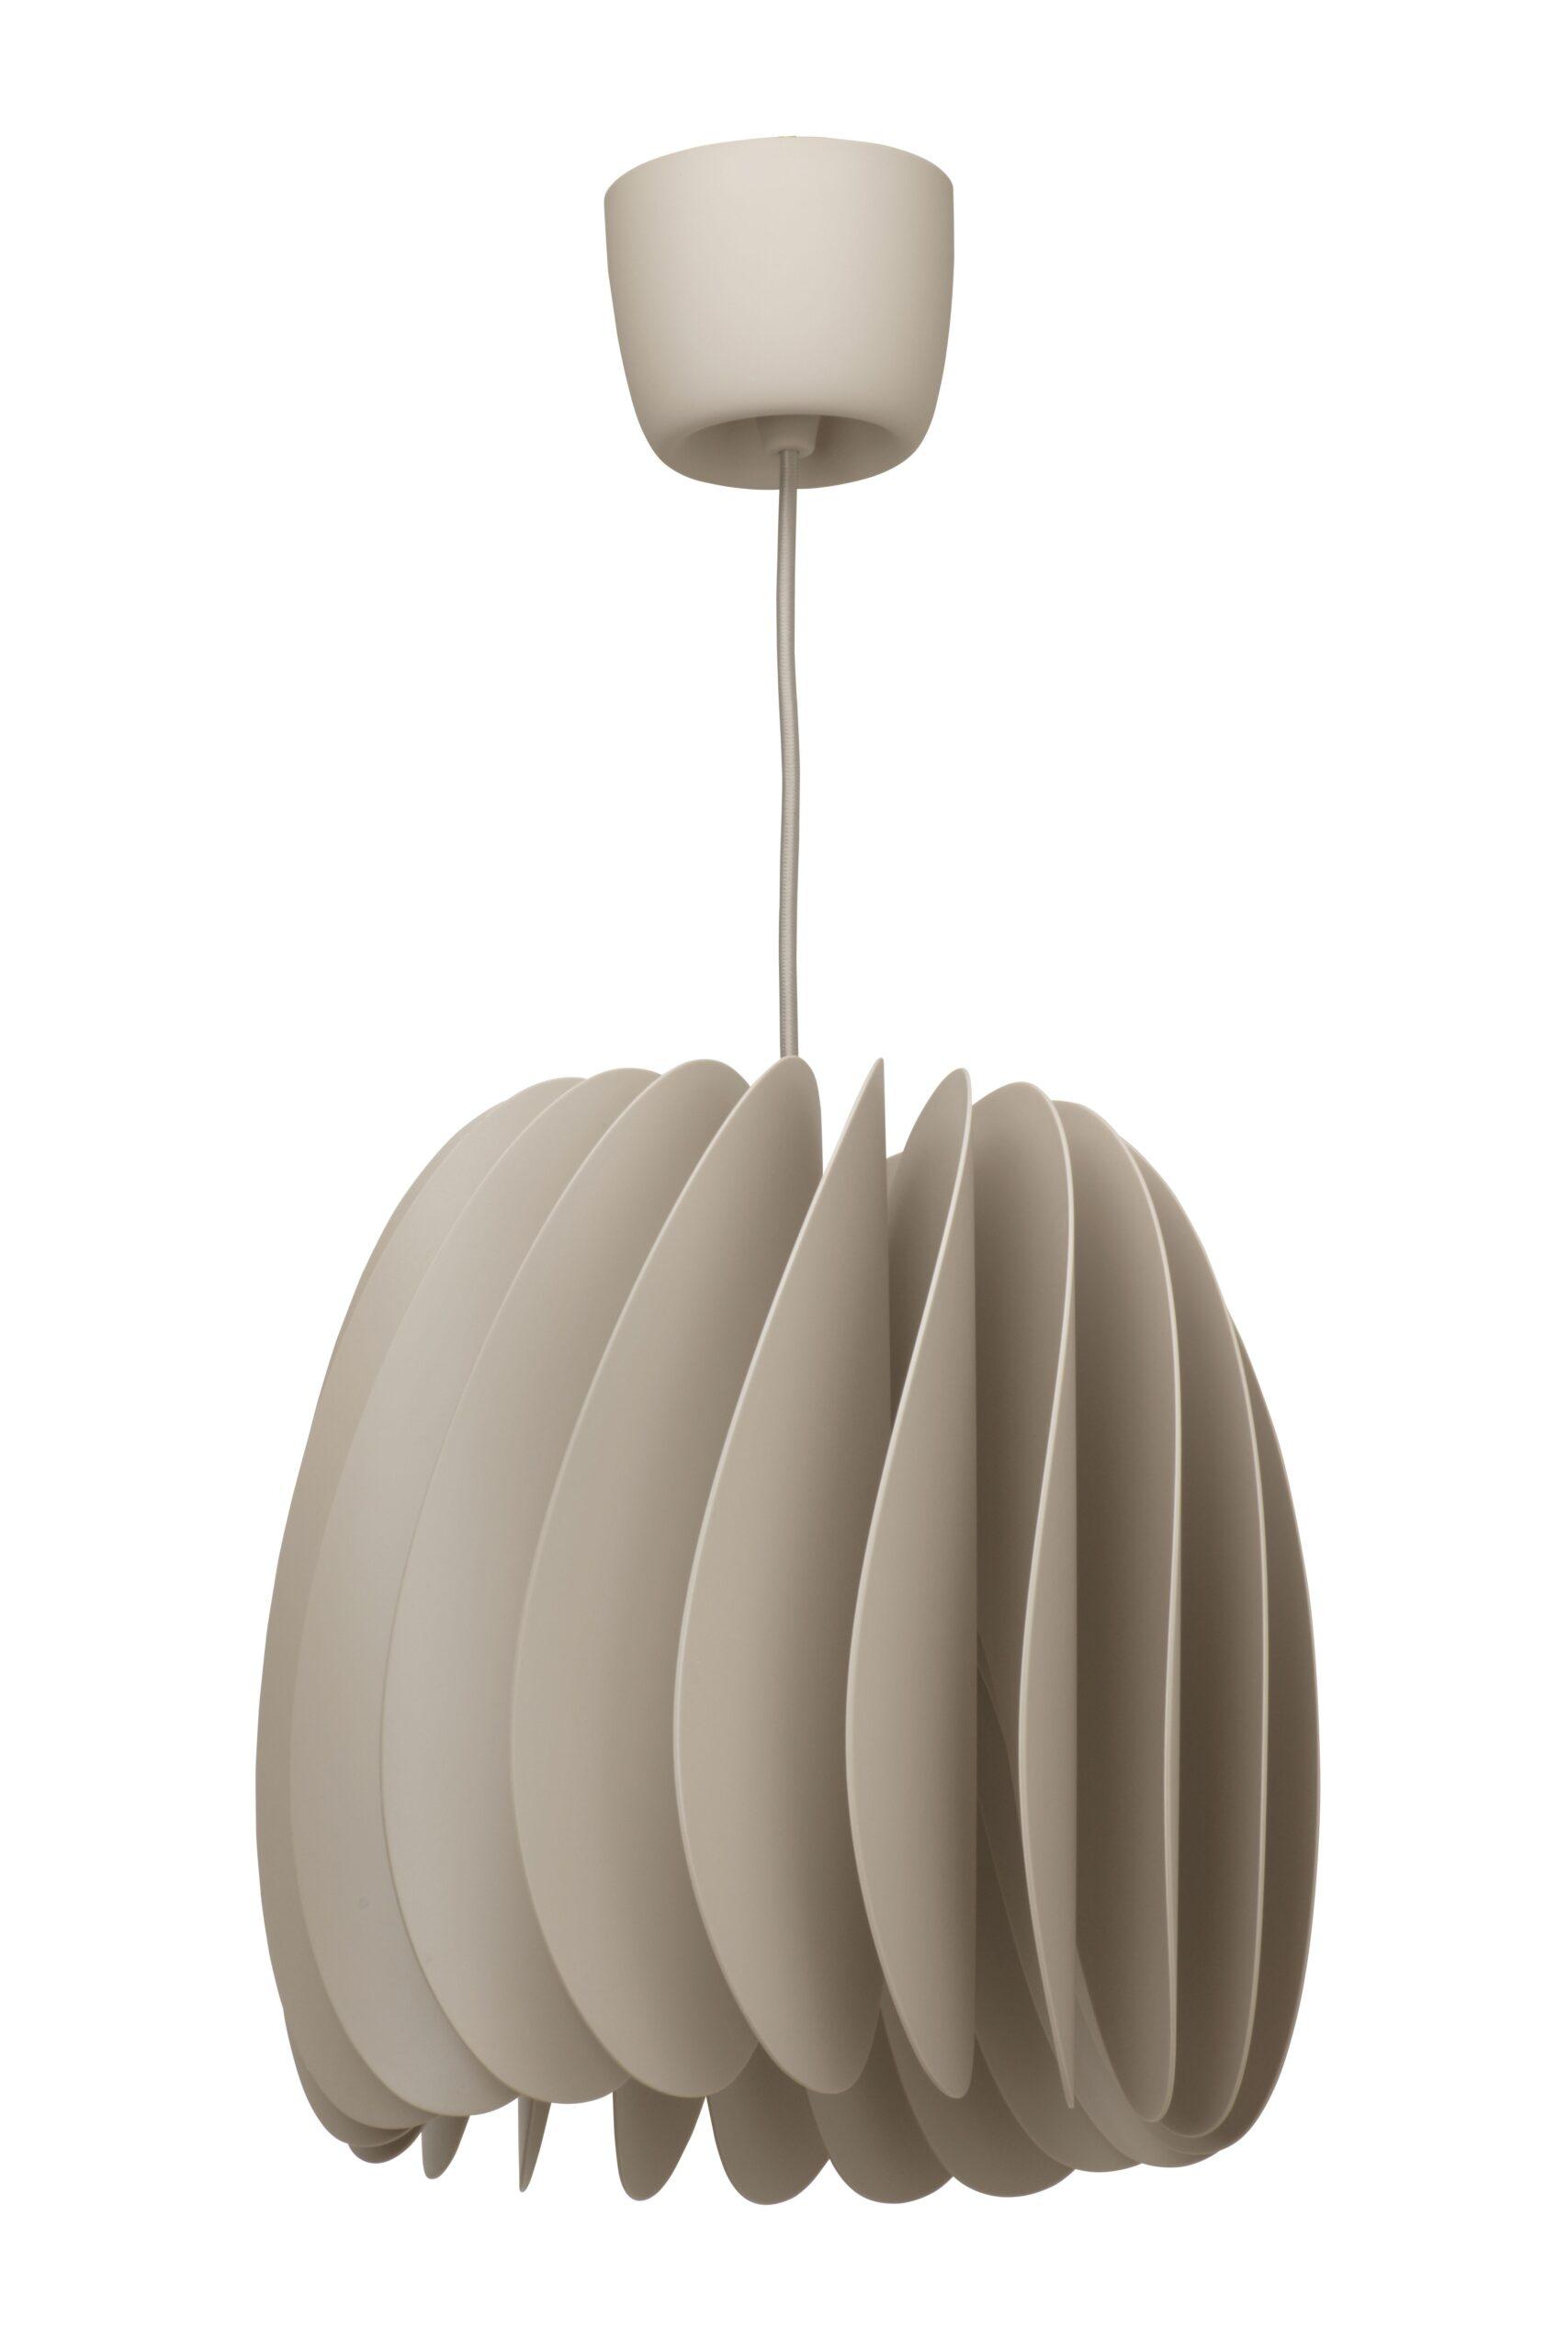 Full Size of Ikea Stehlampe Holz Skymningen Hngeleuchte Beige Deutschland Cd Regal Wohnzimmer Schlafzimmer Komplett Massivholz Weiß Holzhäuser Garten Unterschrank Bad Wohnzimmer Ikea Stehlampe Holz